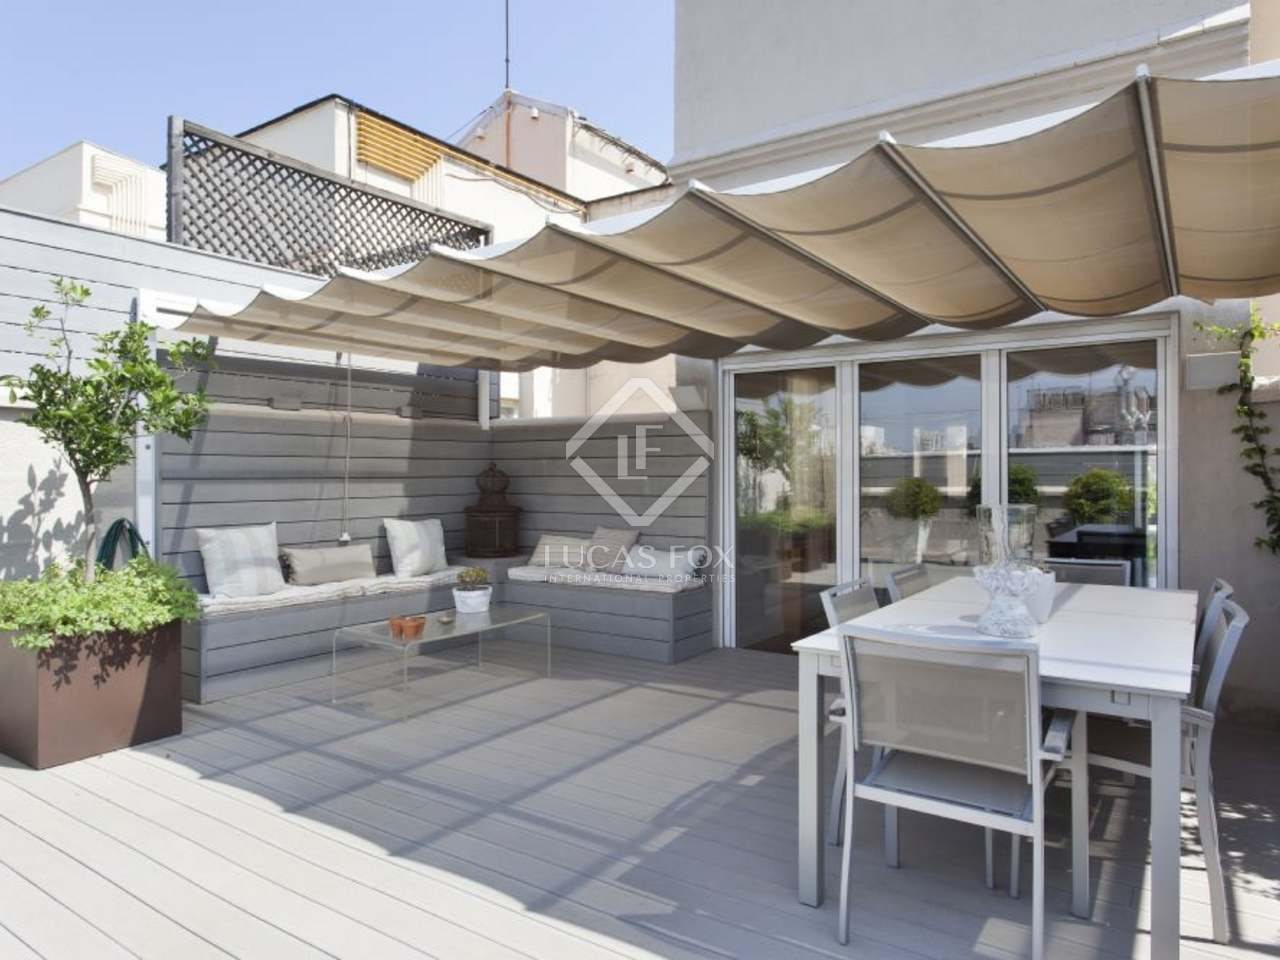 Tico d plex en venta en zona alta de barcelona ciudad - Atico duplex barcelona ...